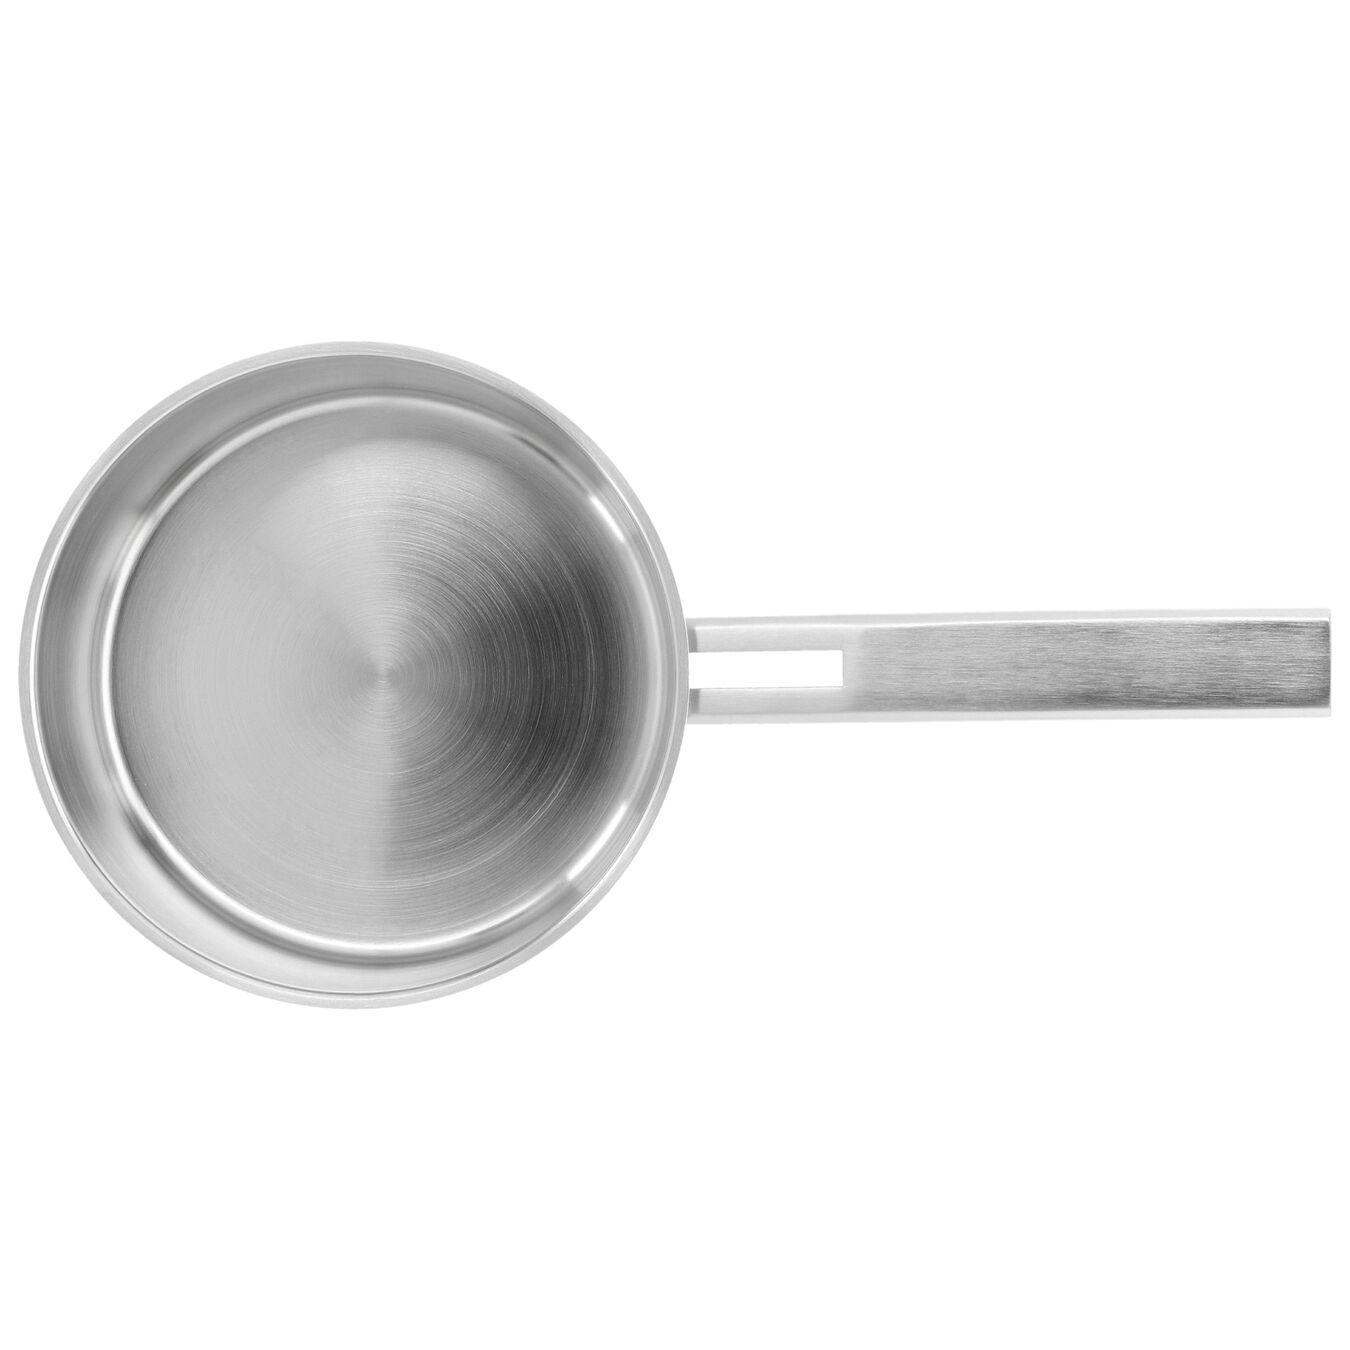 Sos Tenceresi Kapaklı | 18/10 Paslanmaz Çelik | 20 cm | Metalik Gri,,large 6